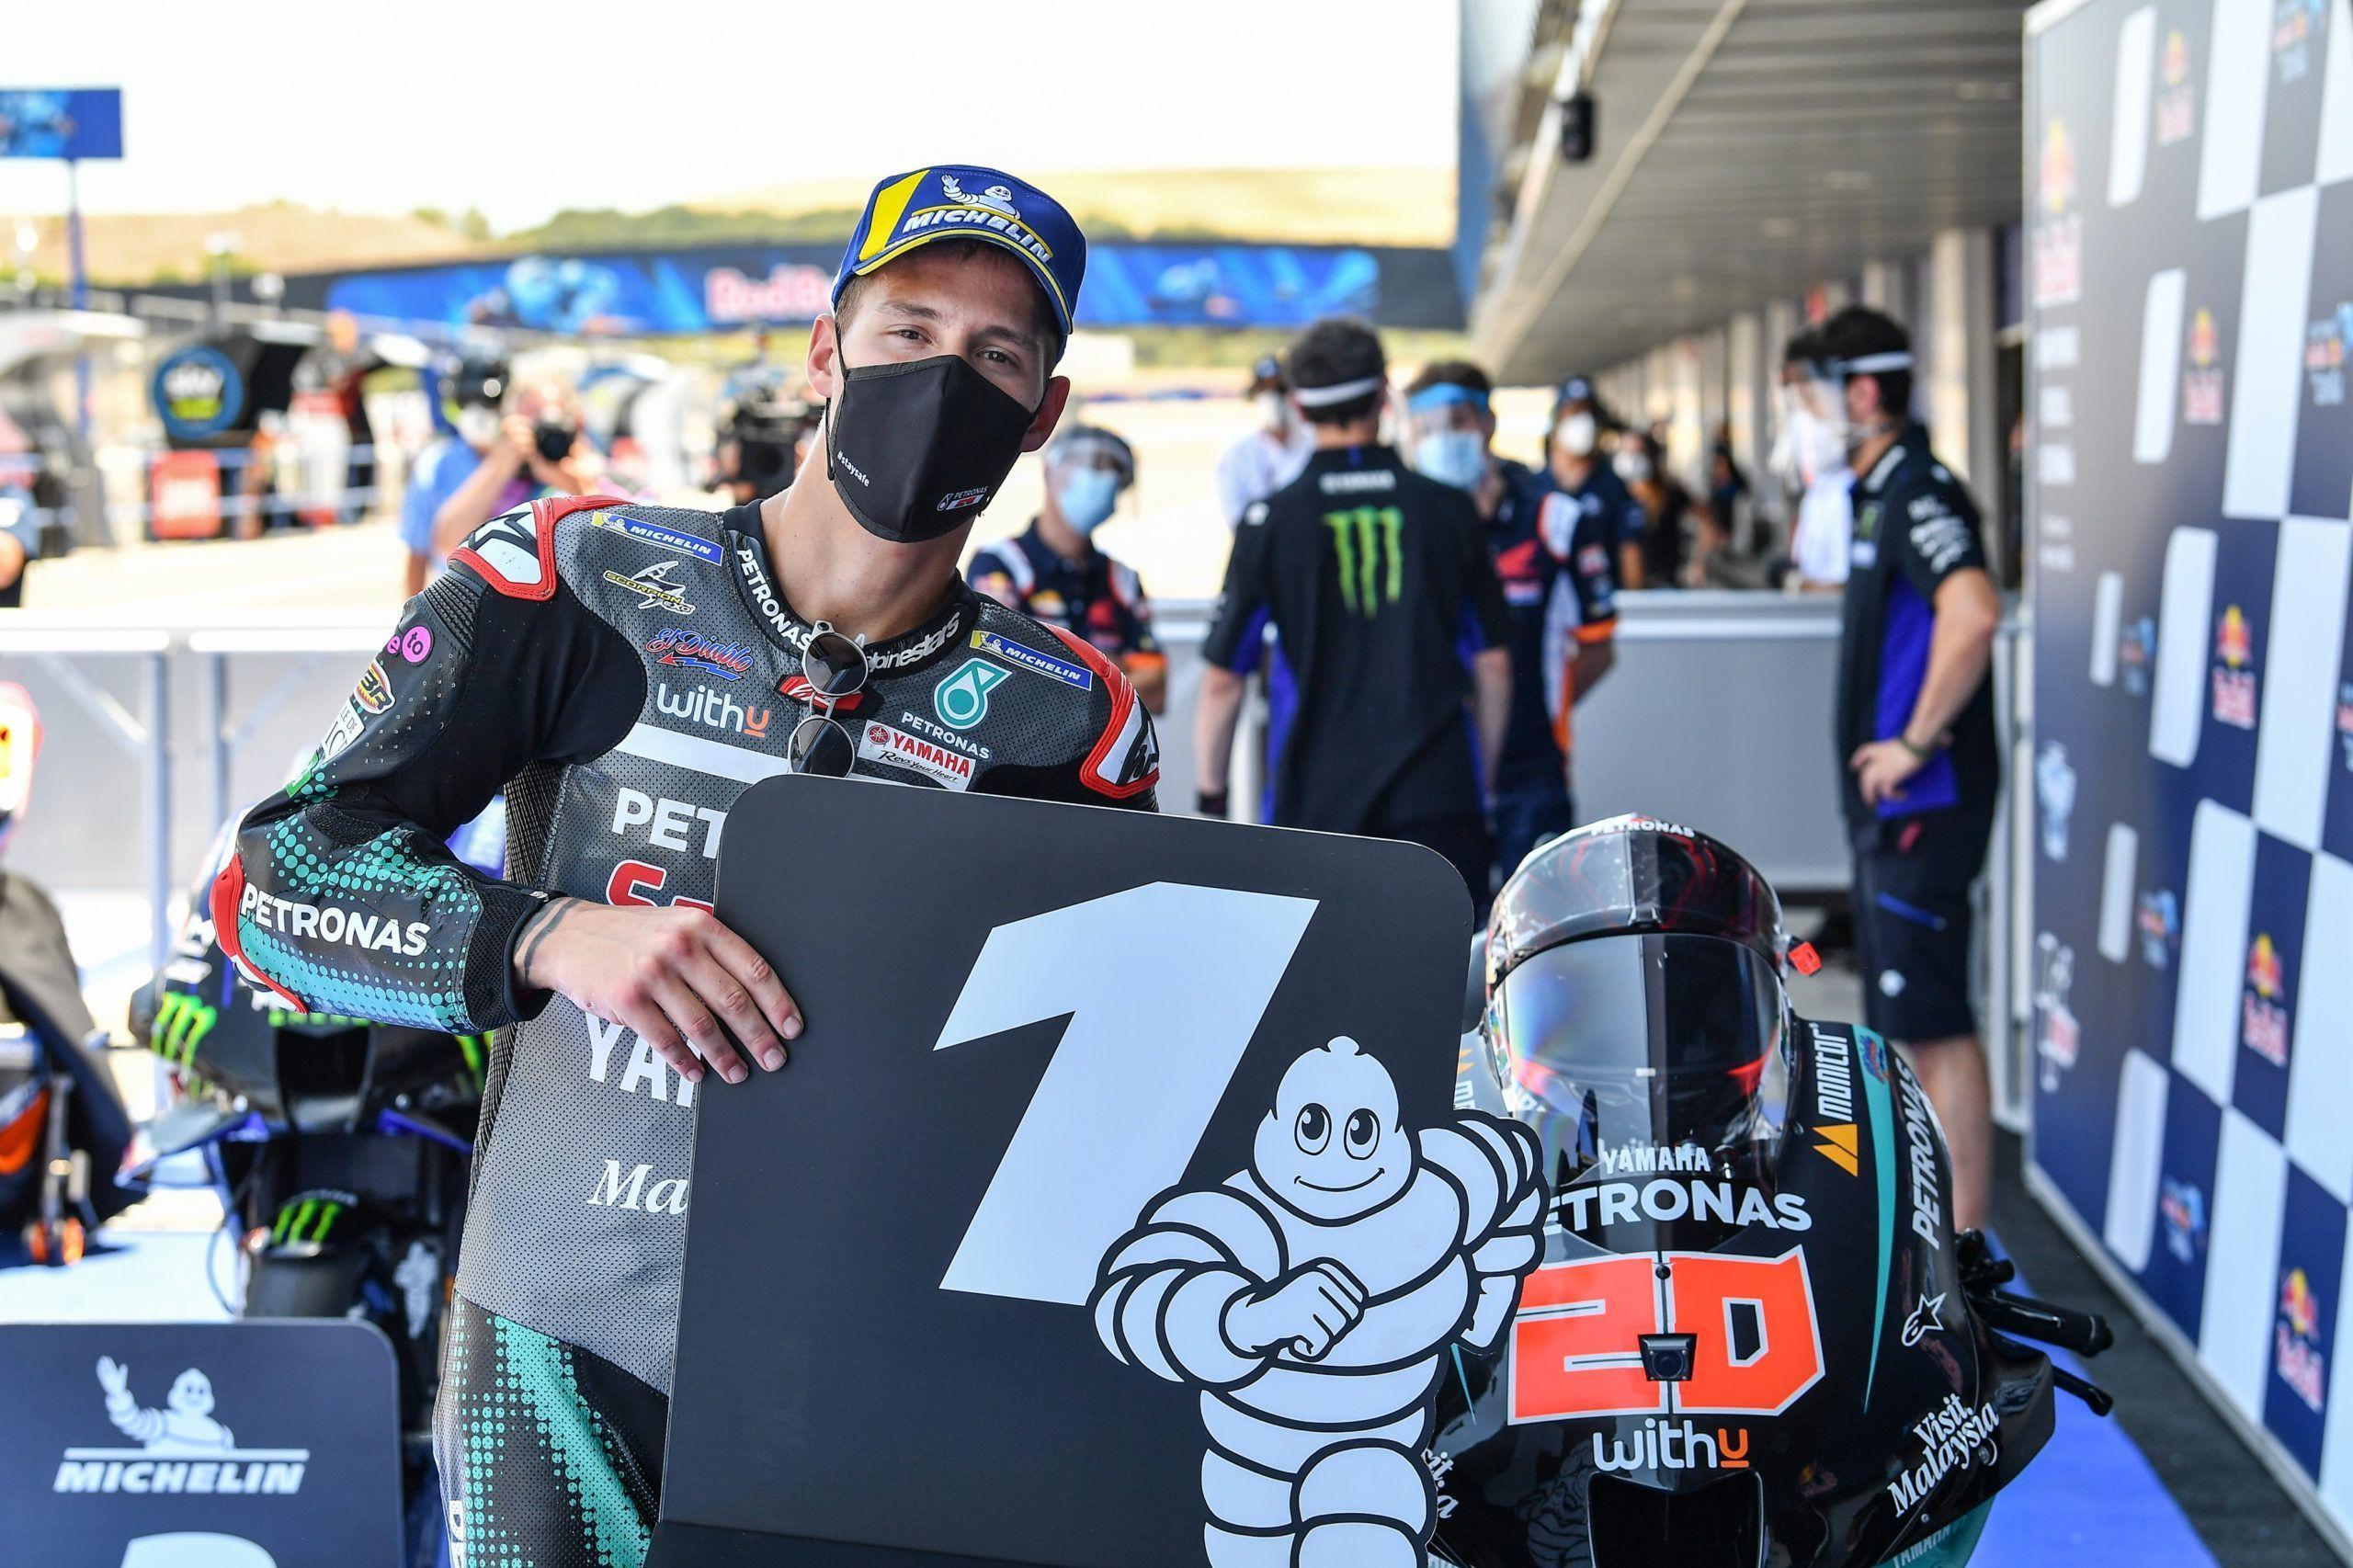 MotoGP, Fabio Quartararo, Spanish GP